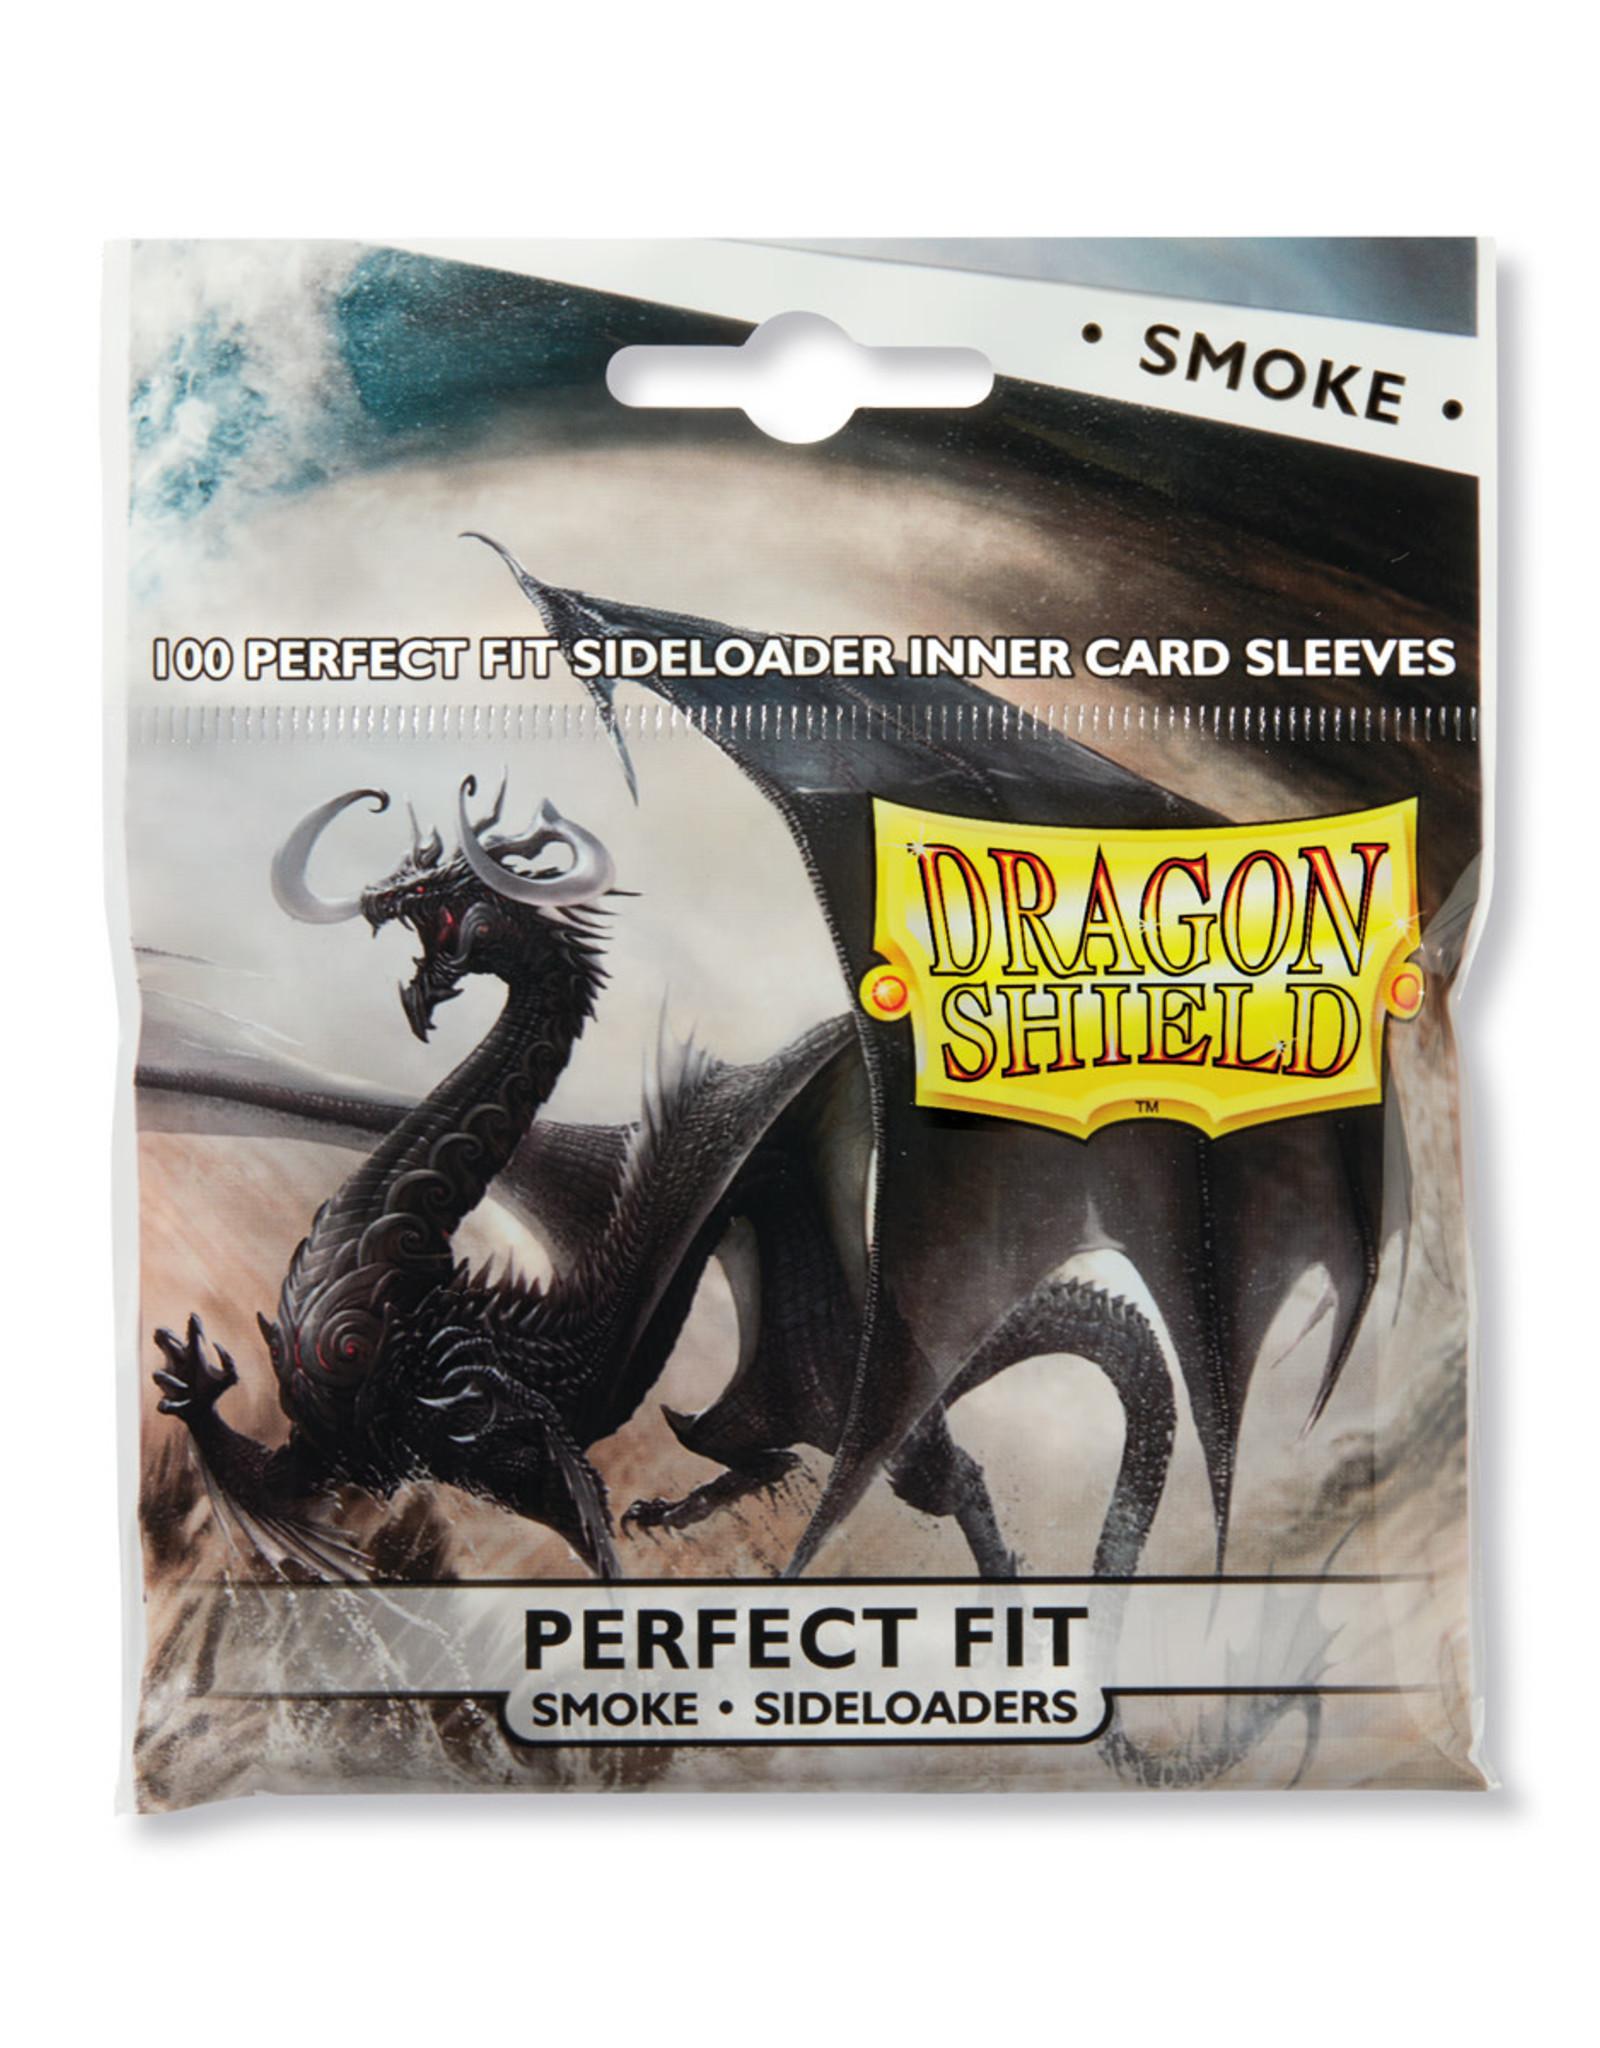 Dragon Shield Perfect Fit Sideloader Smoke